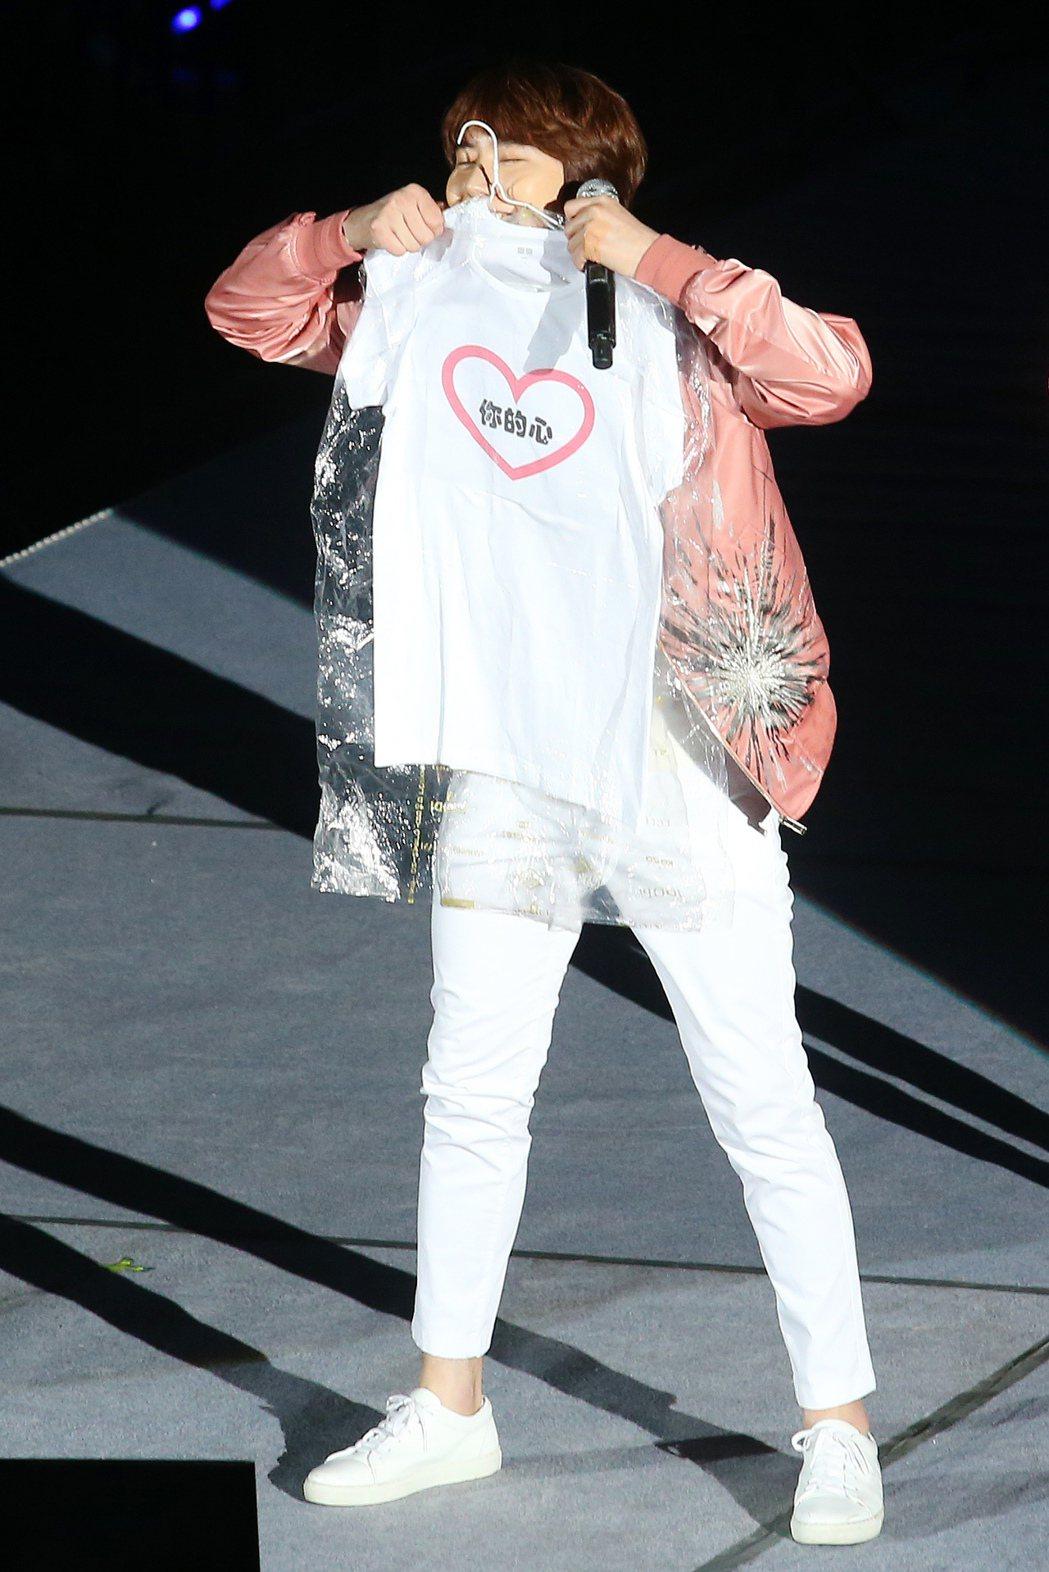 南韓天團「SUPER JUNIOR」主唱圭賢首度在台開唱,俏皮舉動逗樂粉絲。記者...